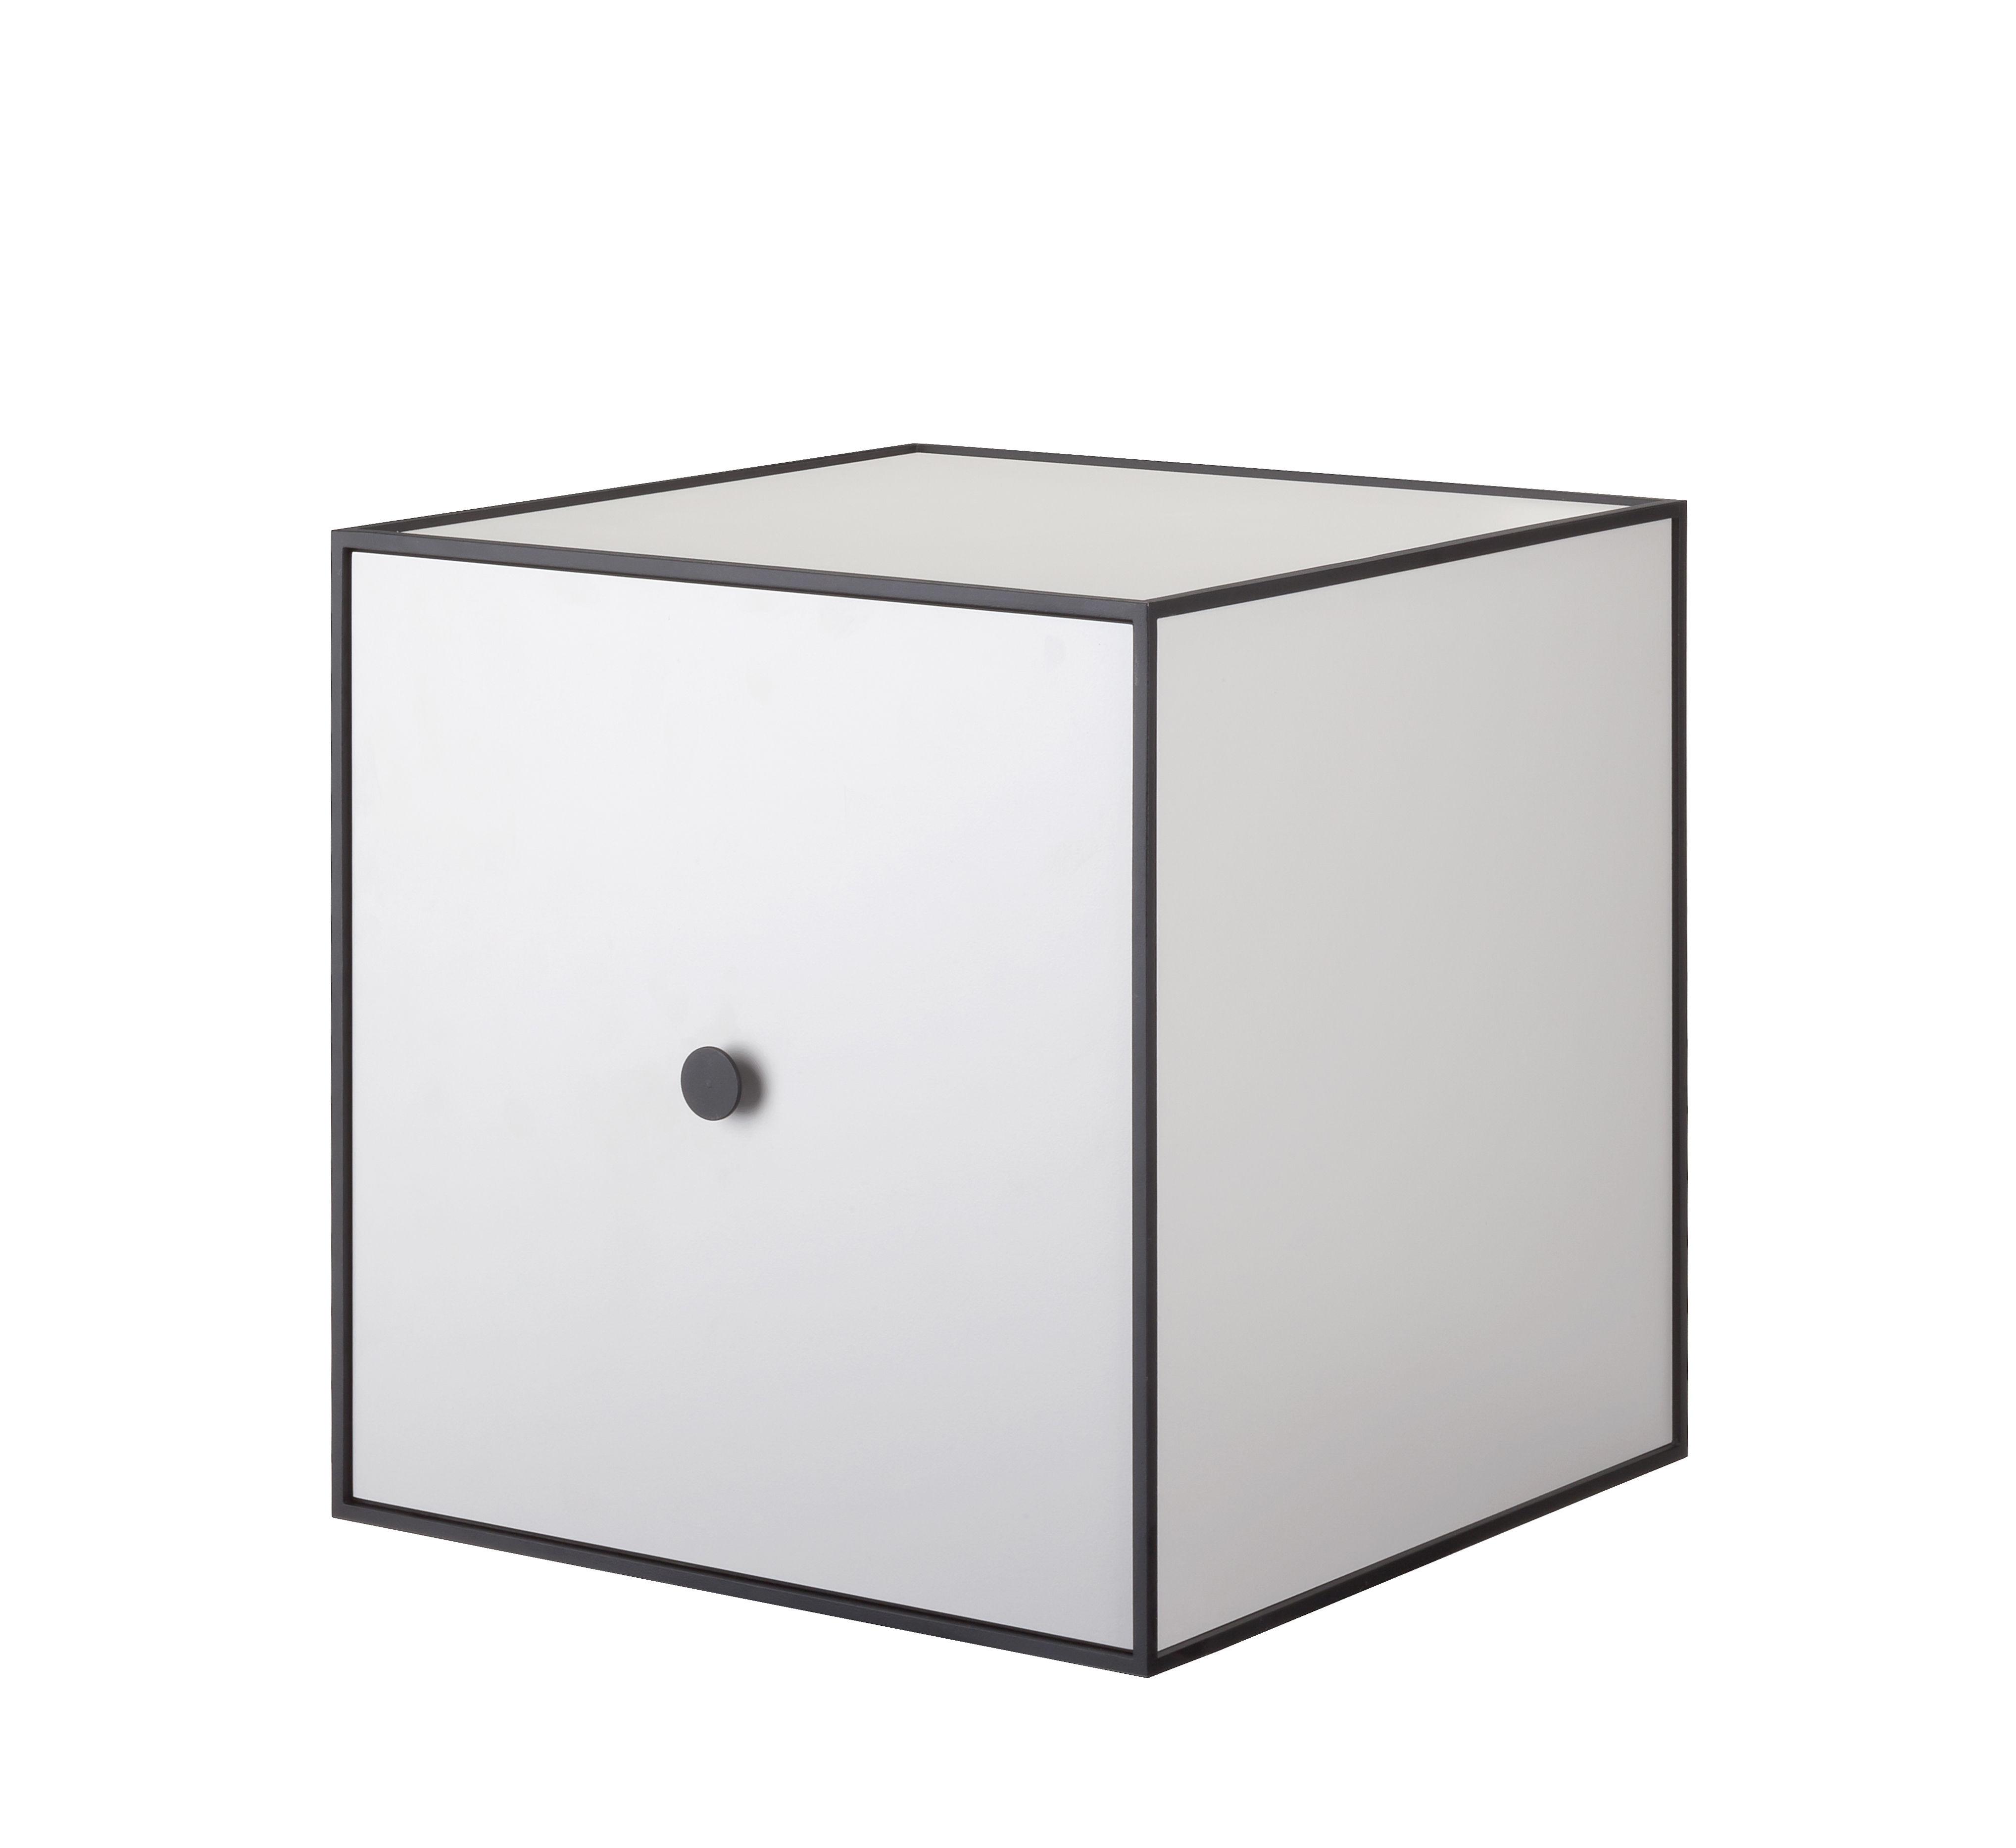 Mobilier - Etagères & bibliothèques - Etagère Frame / Boîte - 35x35 cm - by Lassen - Gris clair - Mélamine, Métal laqué époxy